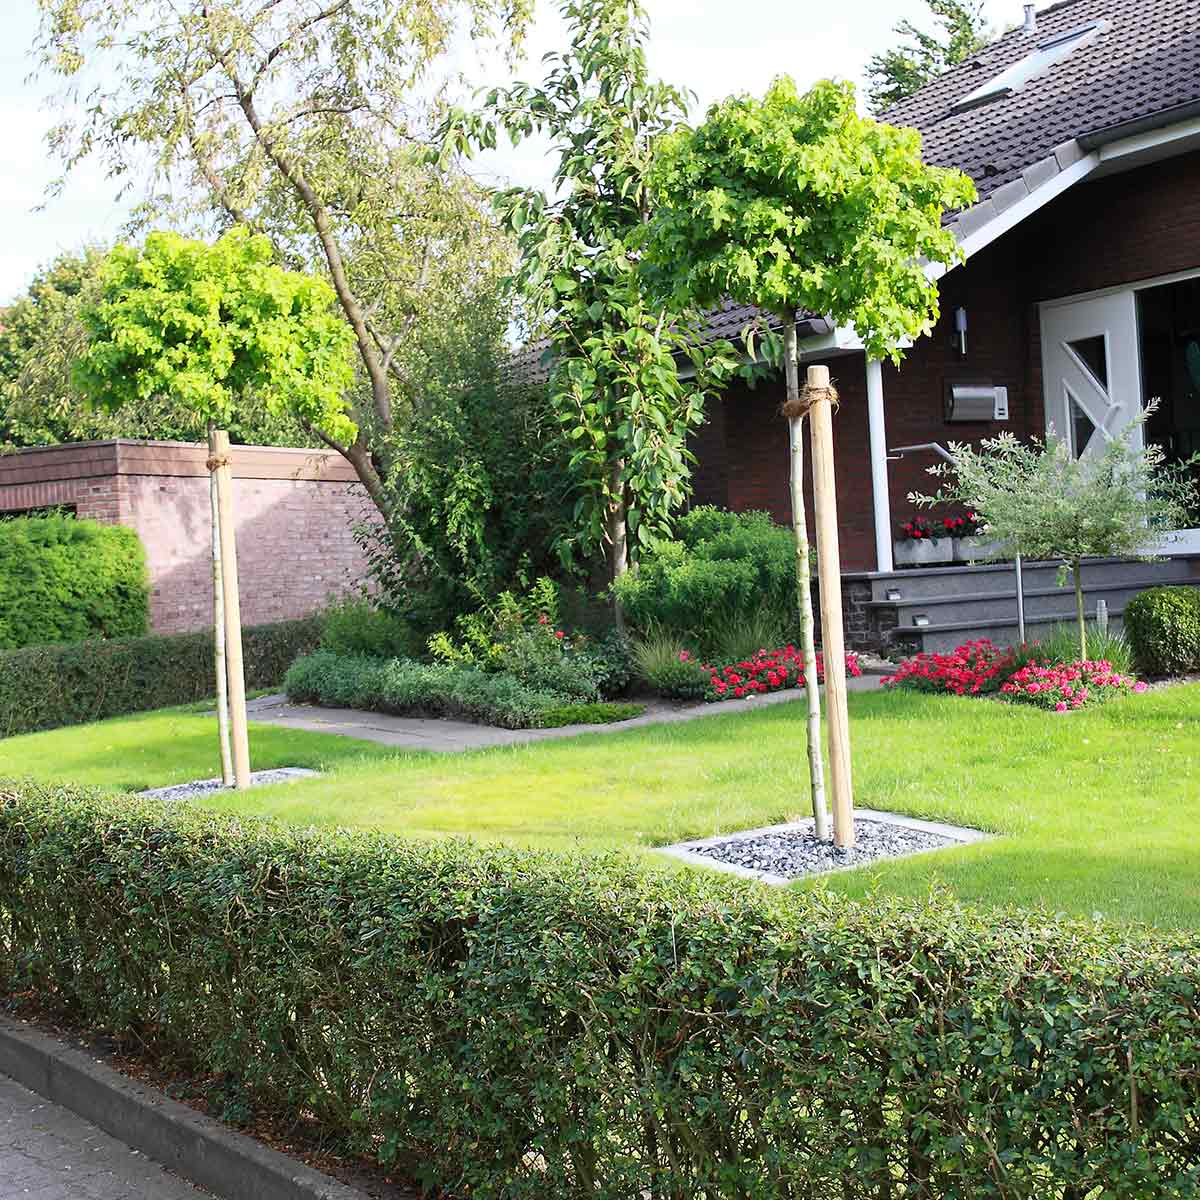 Vorgartengestaltung im raum m nster hamm tripp galabau for Vorgartengestaltung bilder